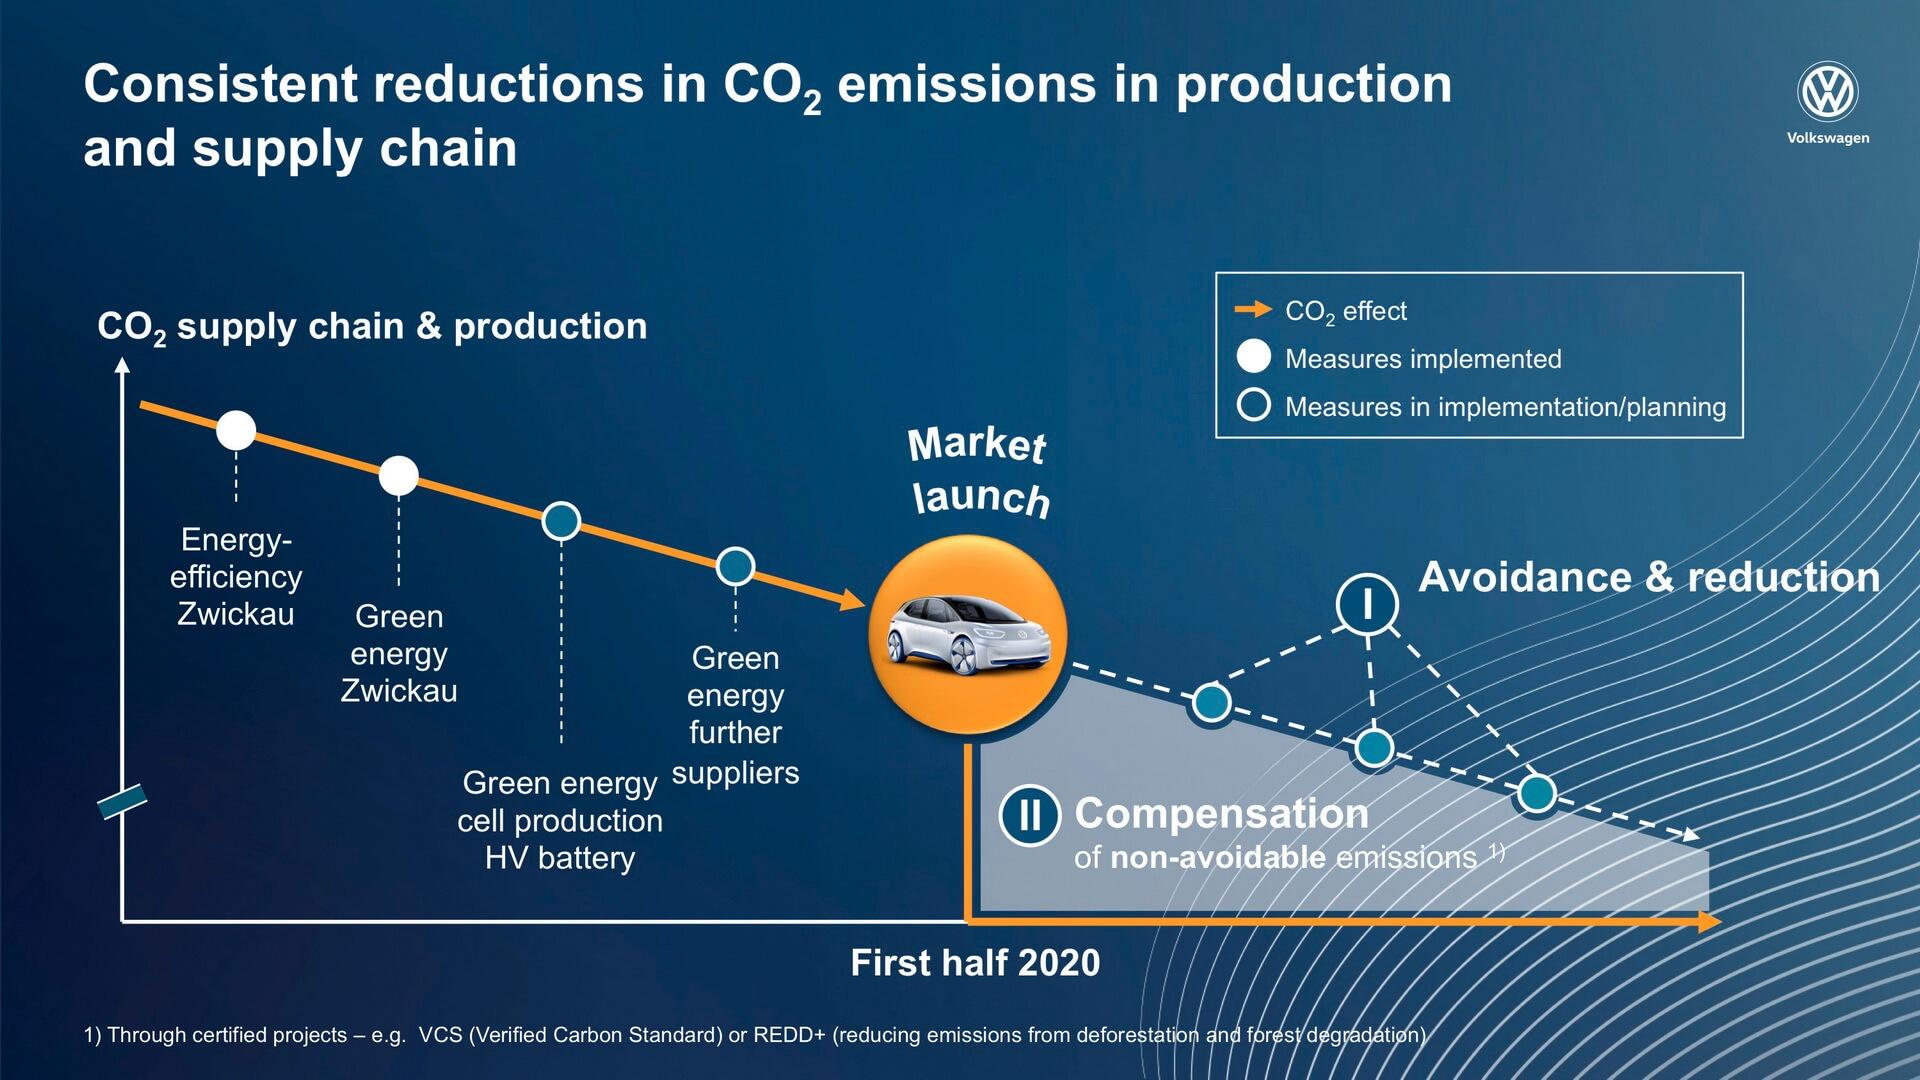 Как будут снижаться выбросы СО2 согласно концепции VW